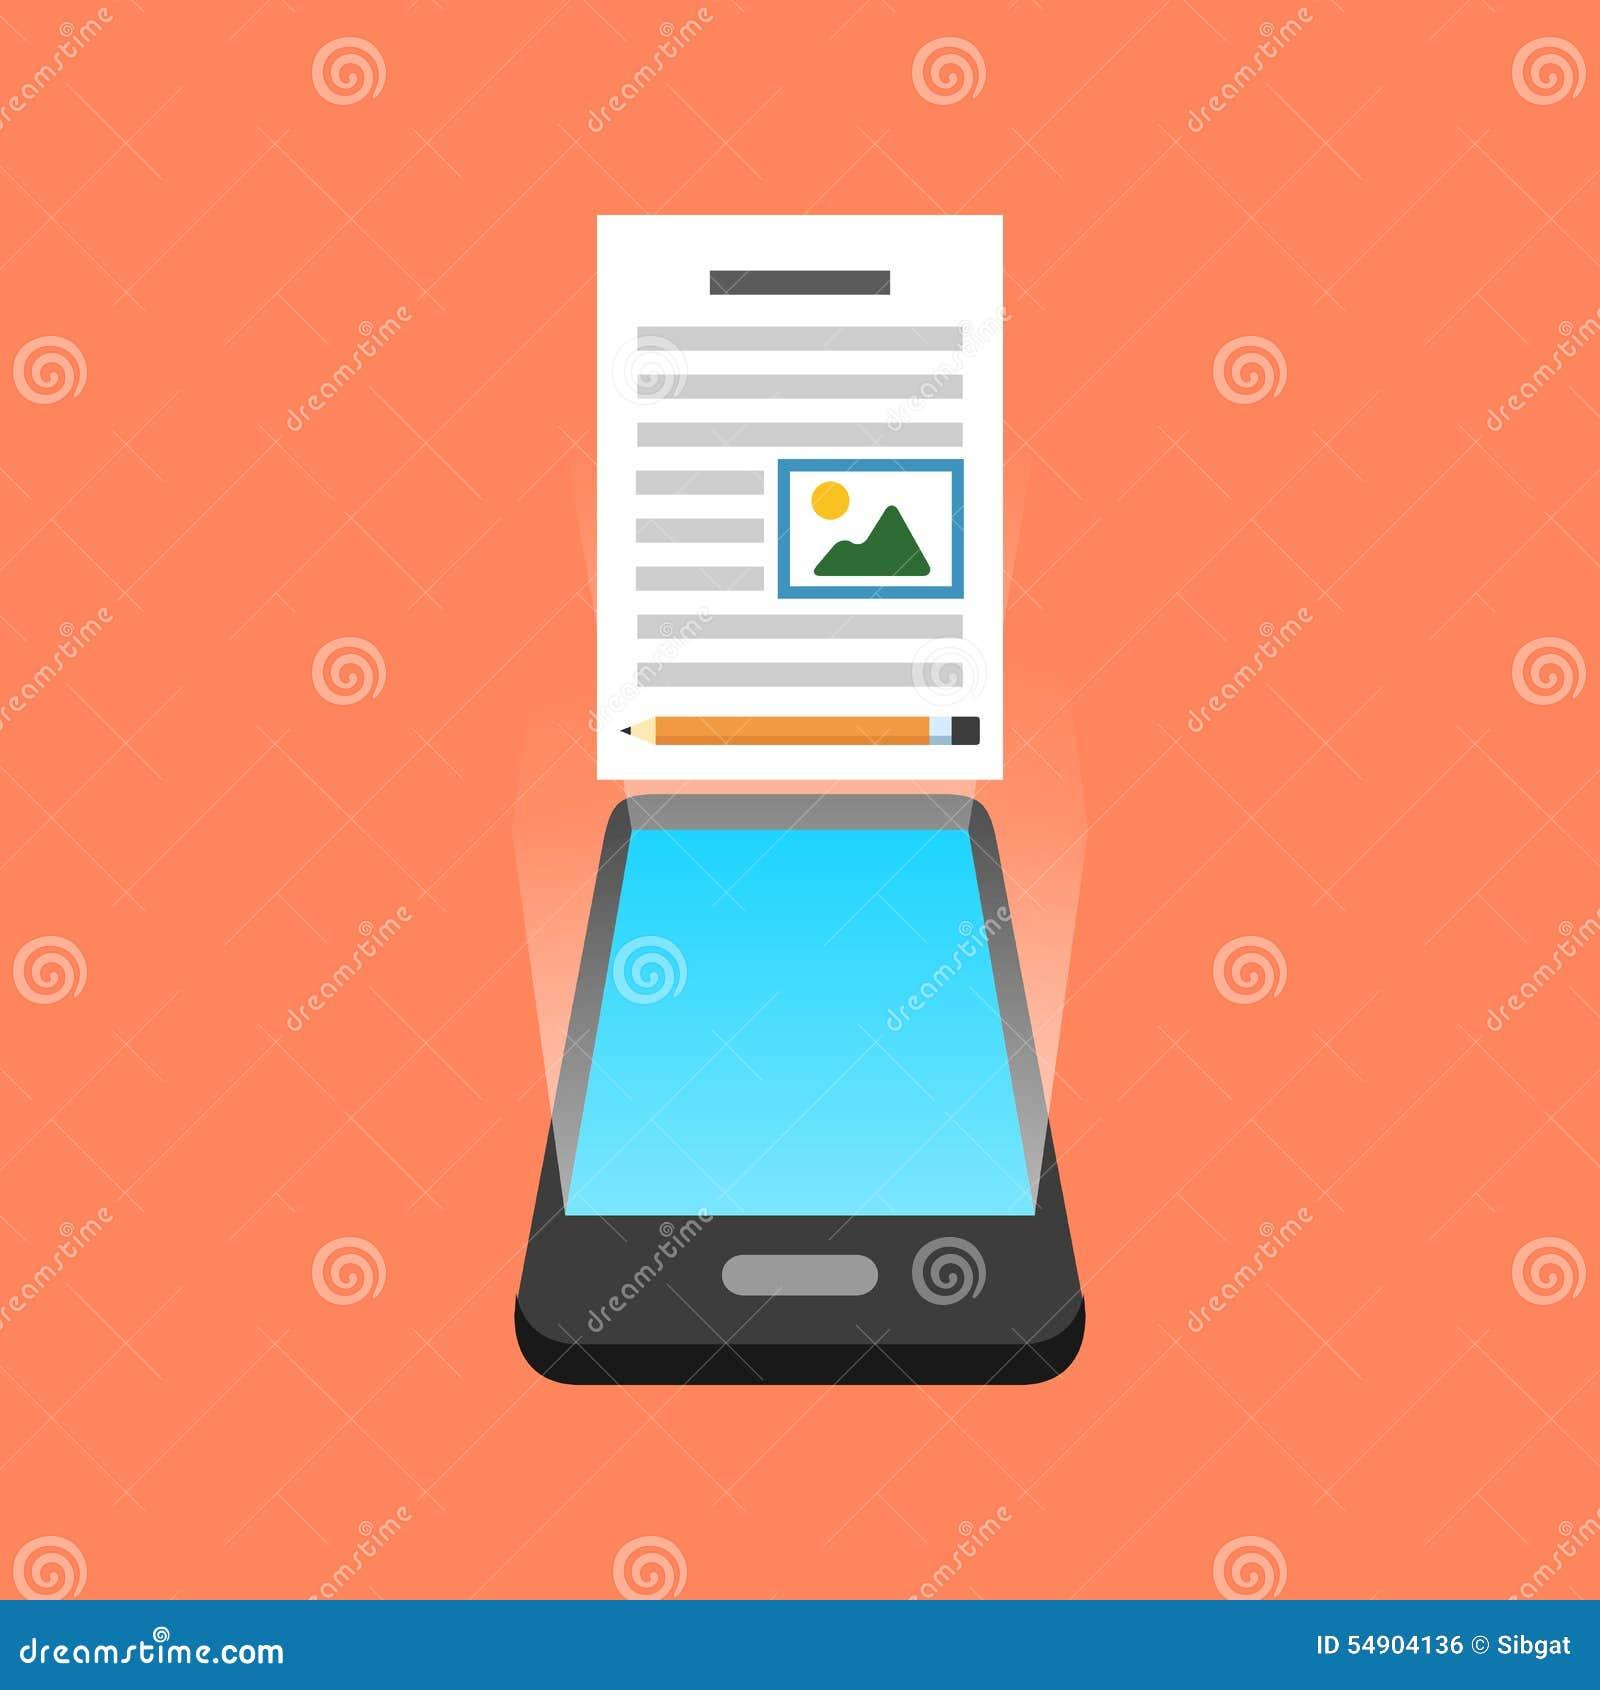 Smartphone blogging concept. Isometric design.